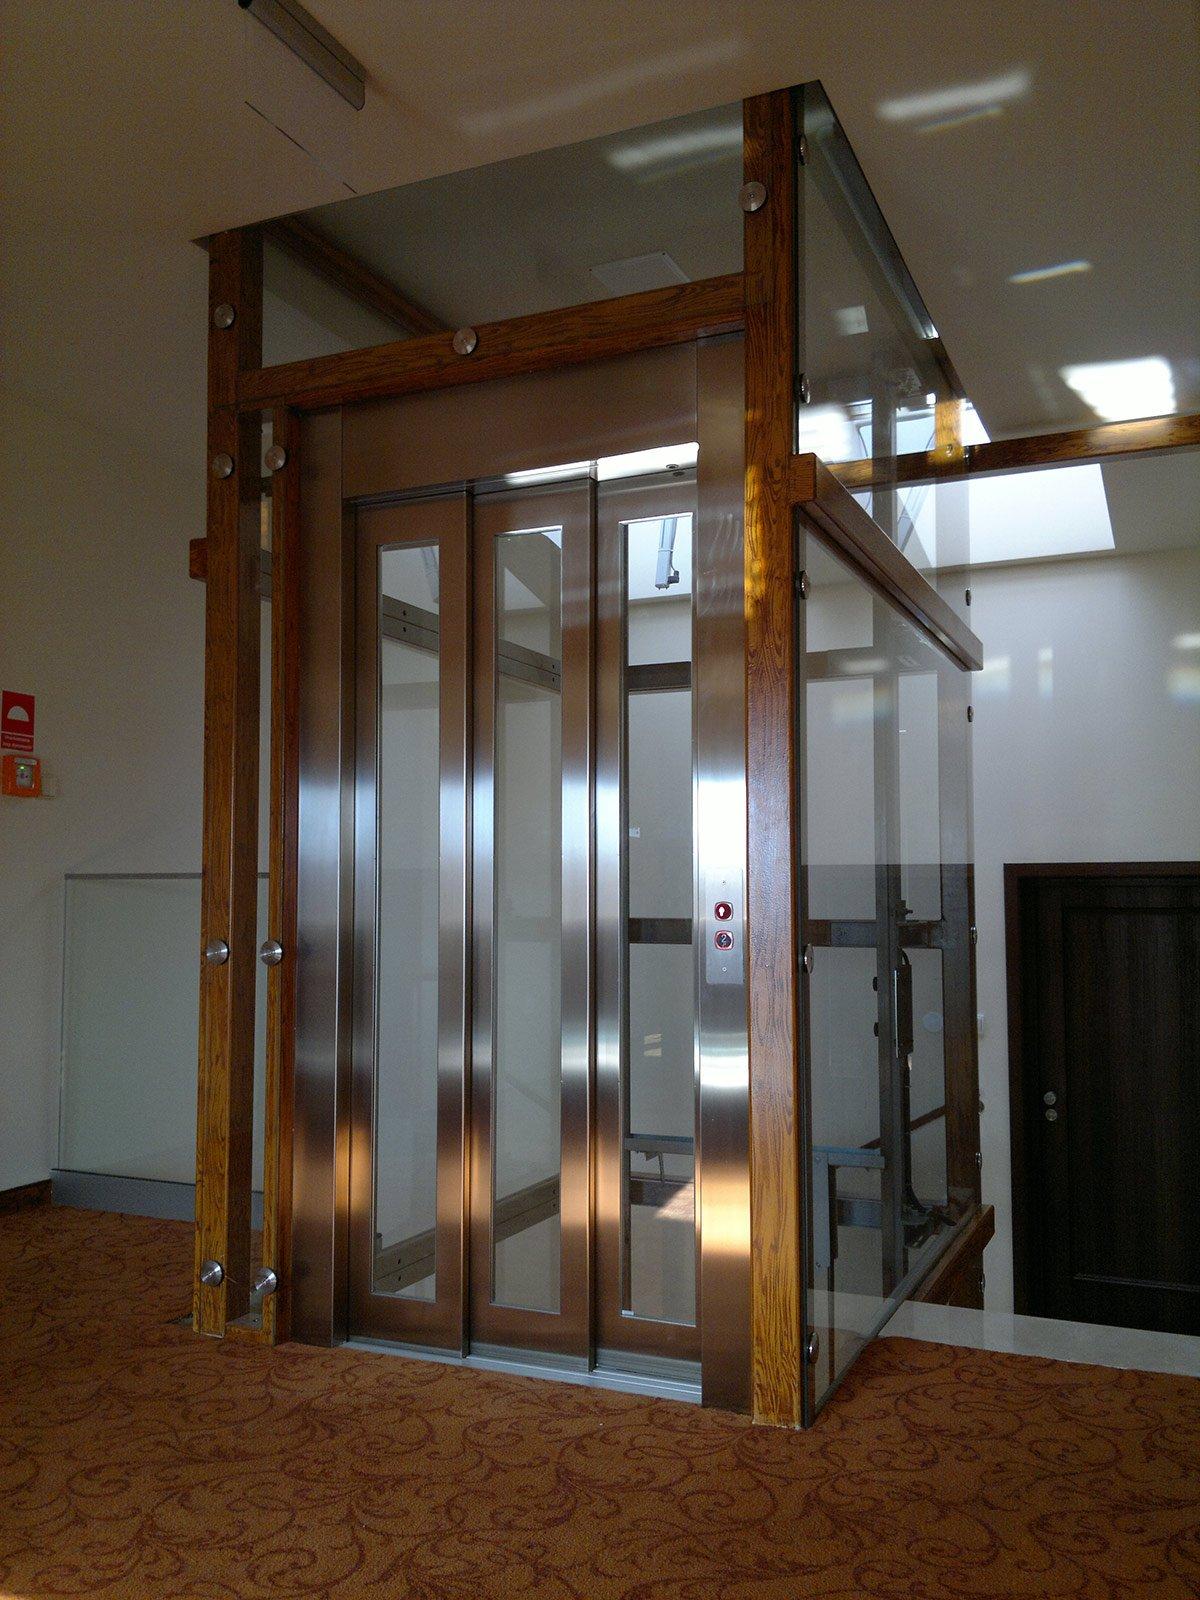 L 39 ascensore oleodinamico o idraulico cose di casa for Come costruire l ascensore di casa